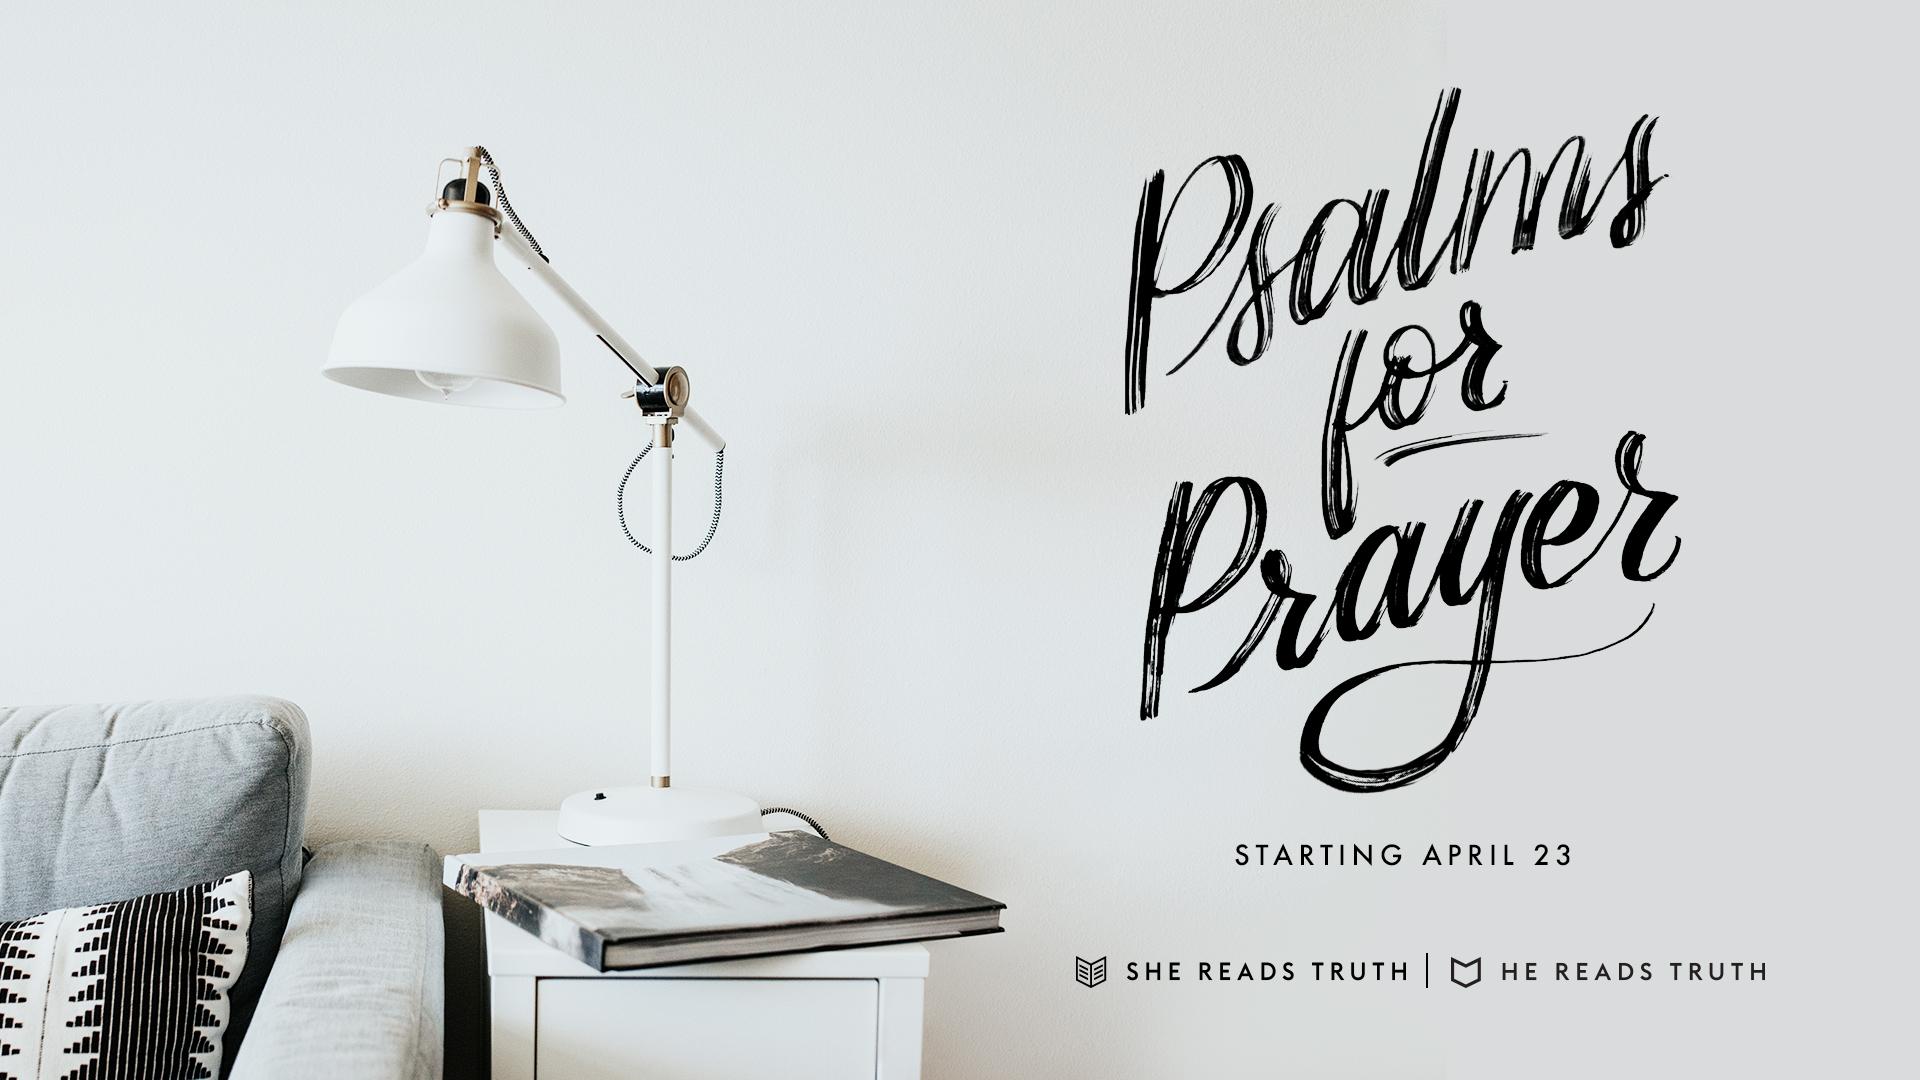 Psalms-for-Prayer.jpg